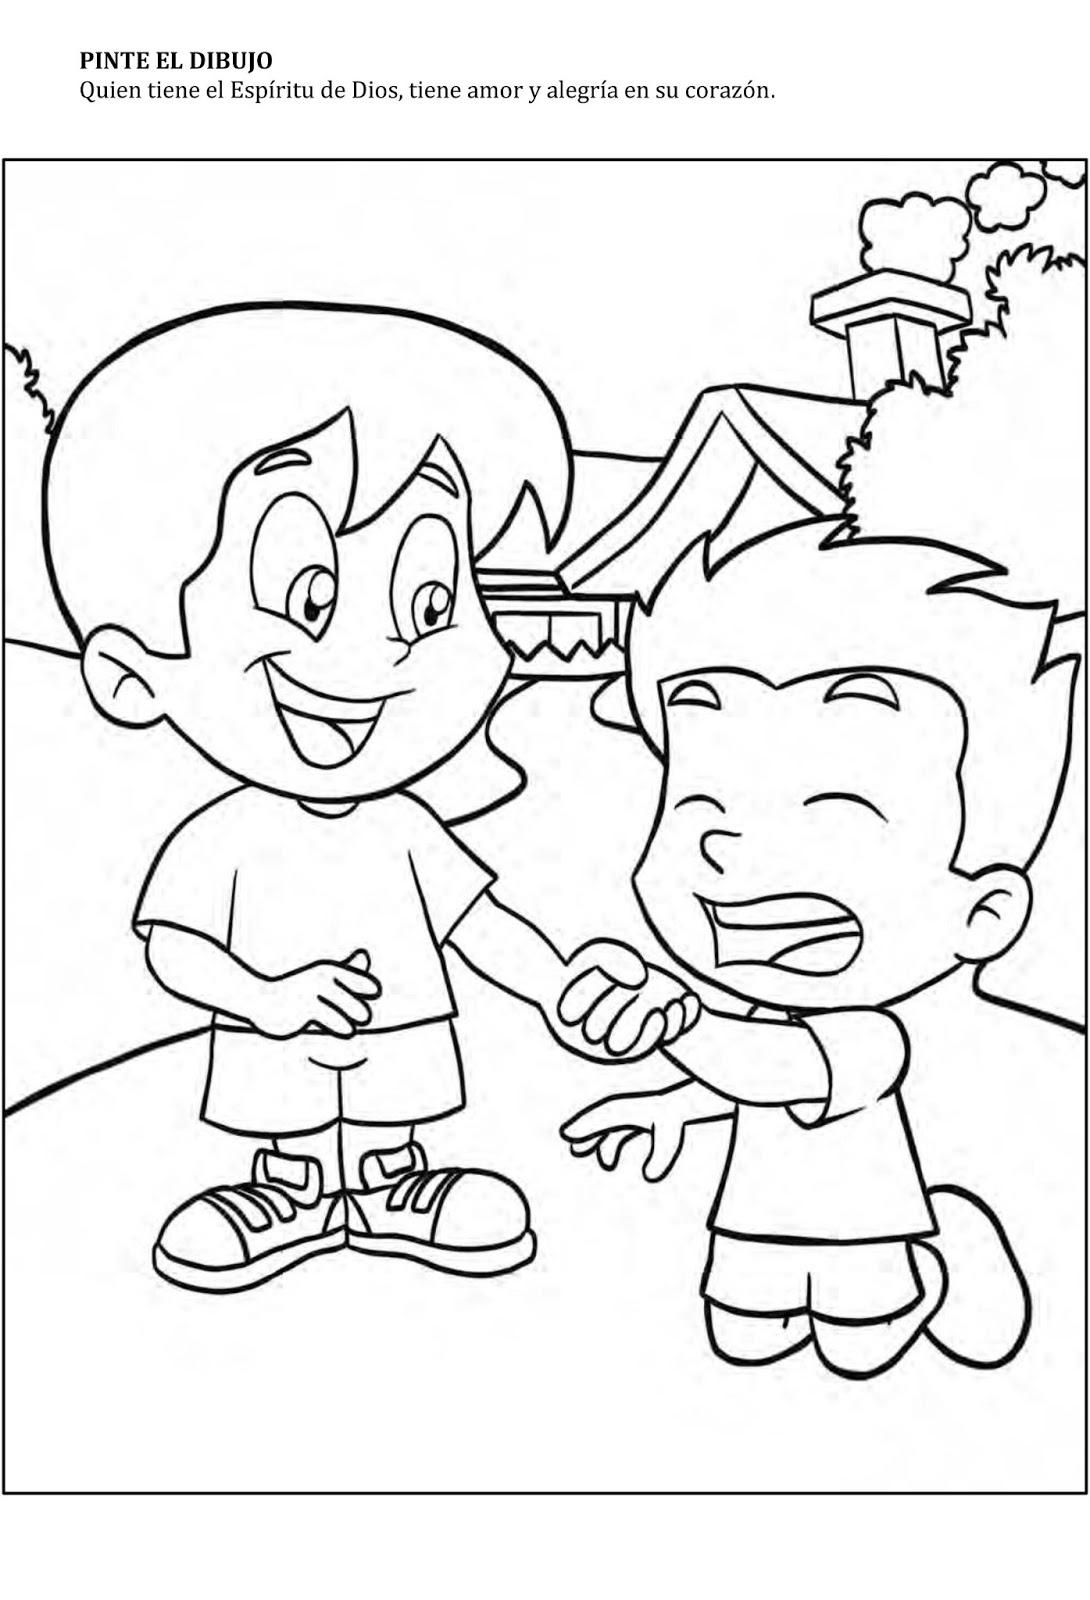 Niños ayudando para colorear - Imagui